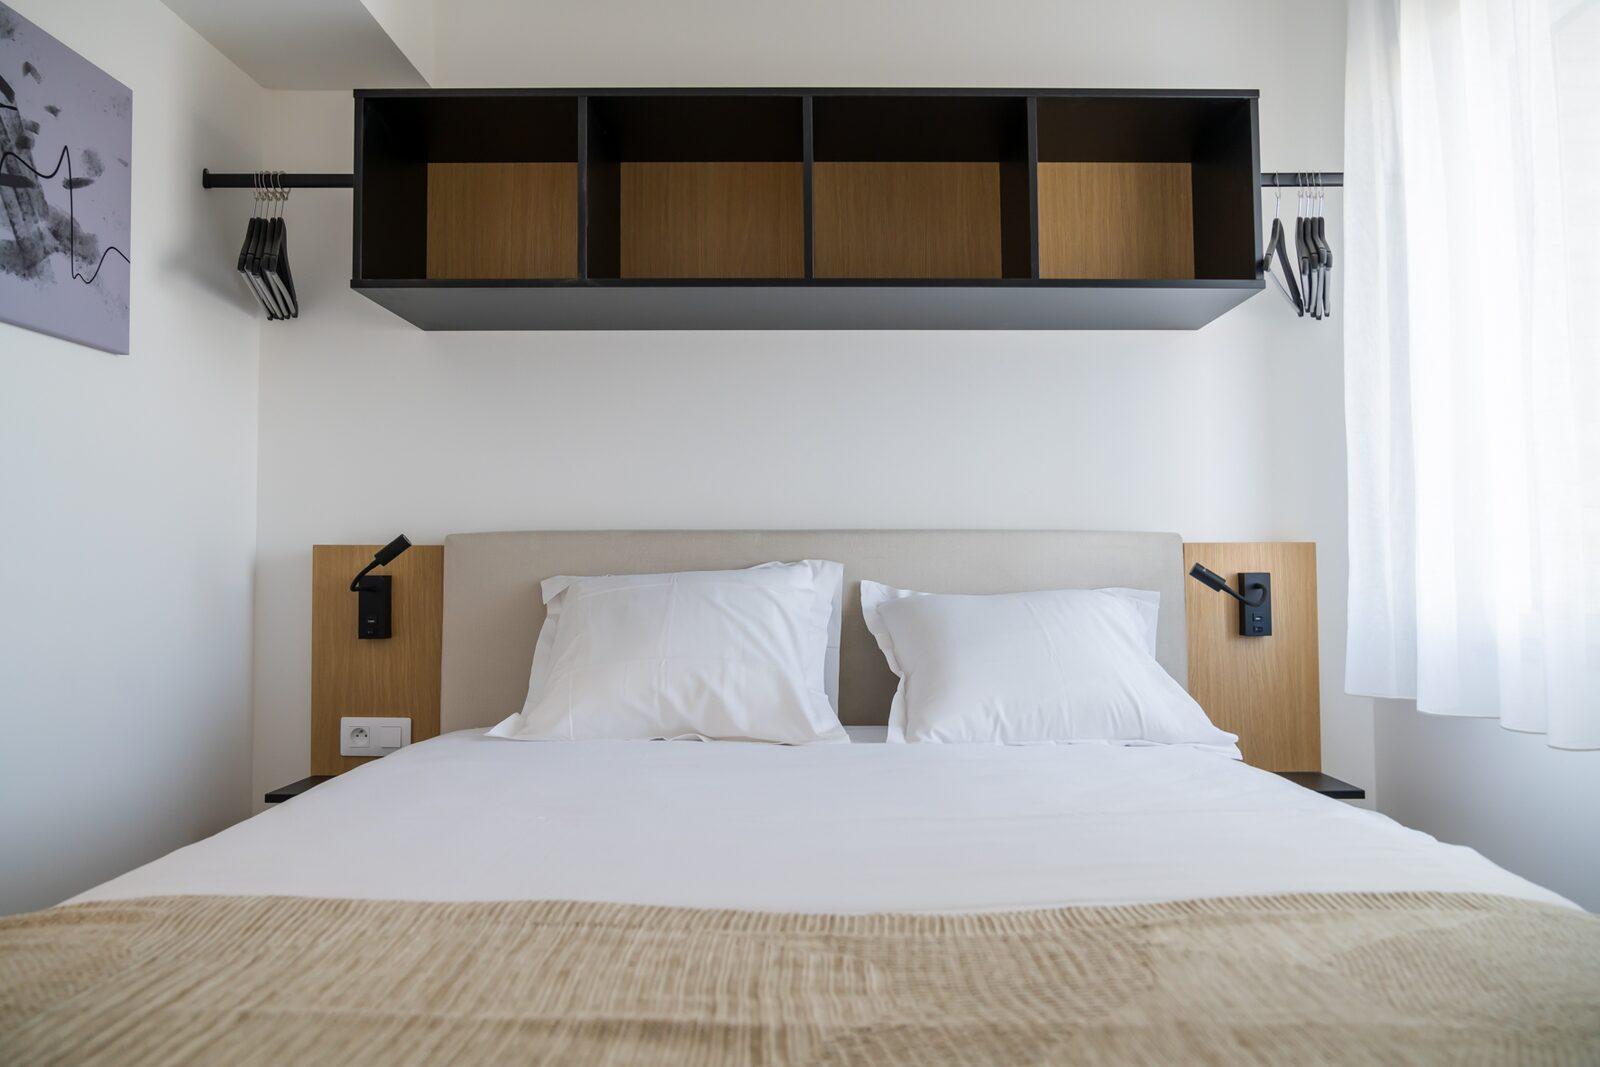 [Premium] Appartement une chambre avec lit double & lits superposés